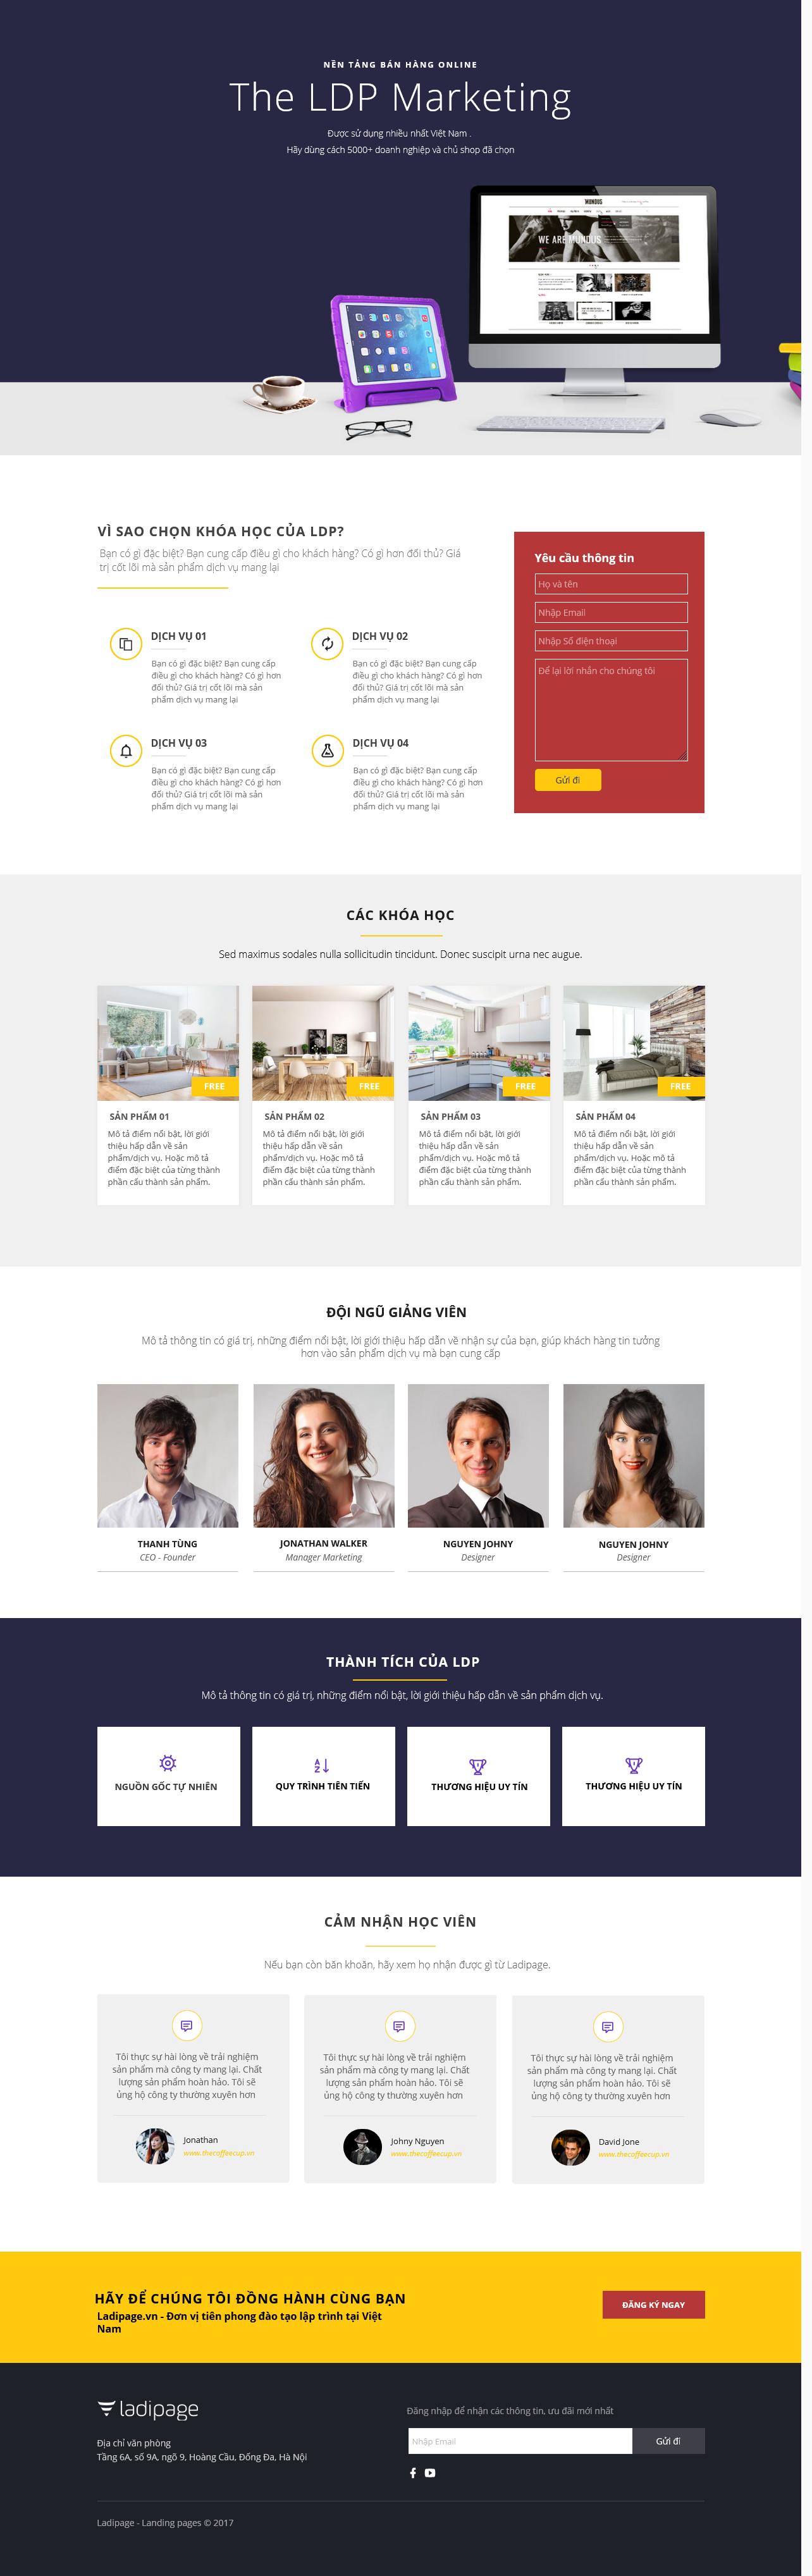 Thiết kế website Thiết kế webiste landingpage giao-duc---du-hoc---nghien-cuu Giáo dục- đào tạo 03